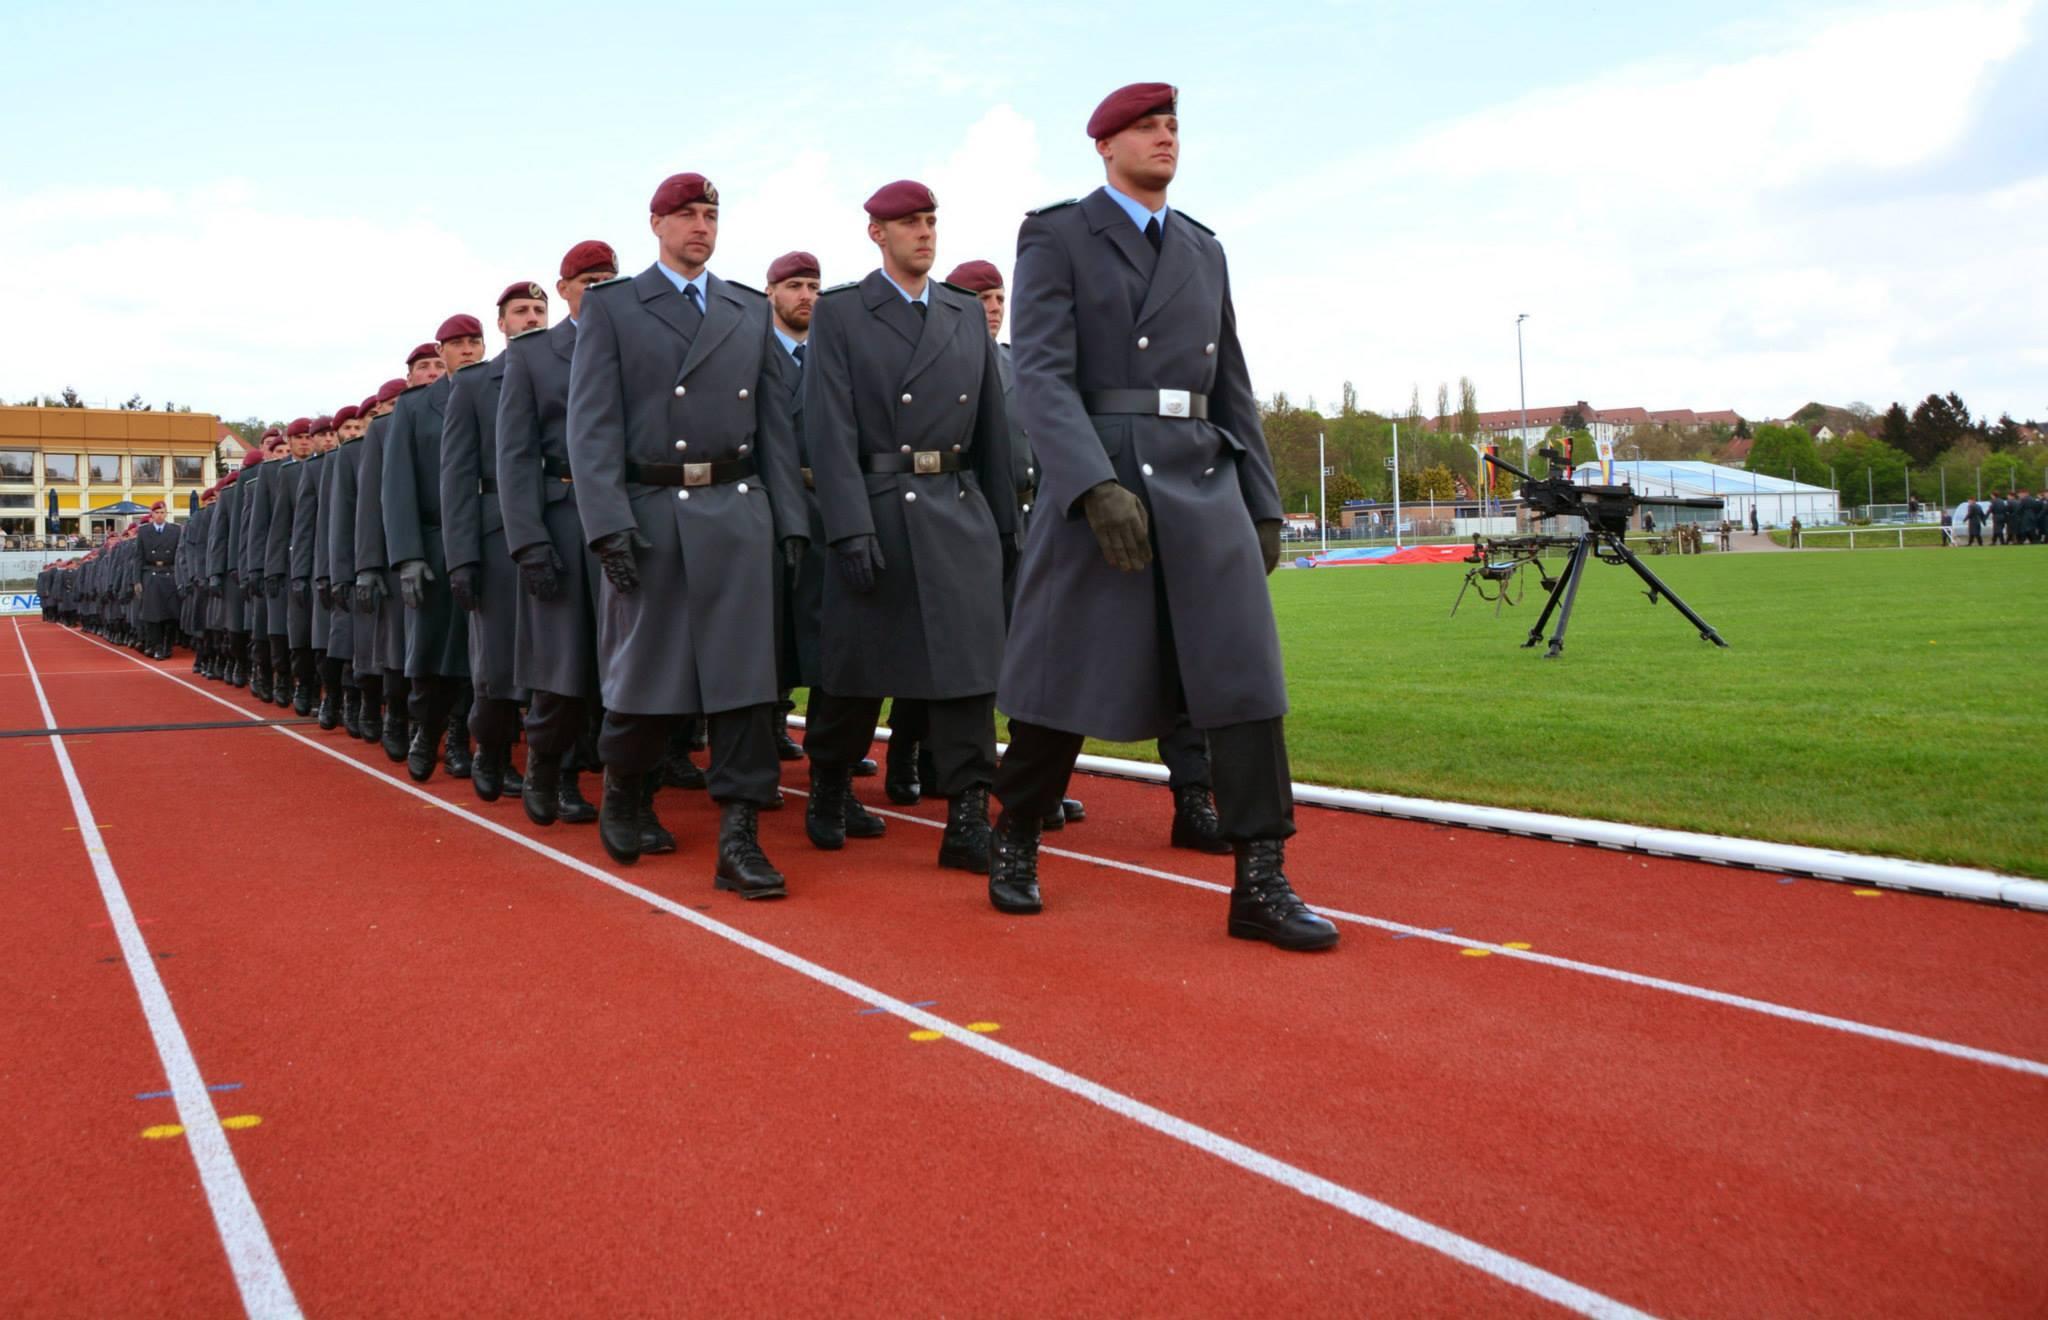 Klettergurt Edelweiss Eagle : Division schnelle kräfte photobw.info